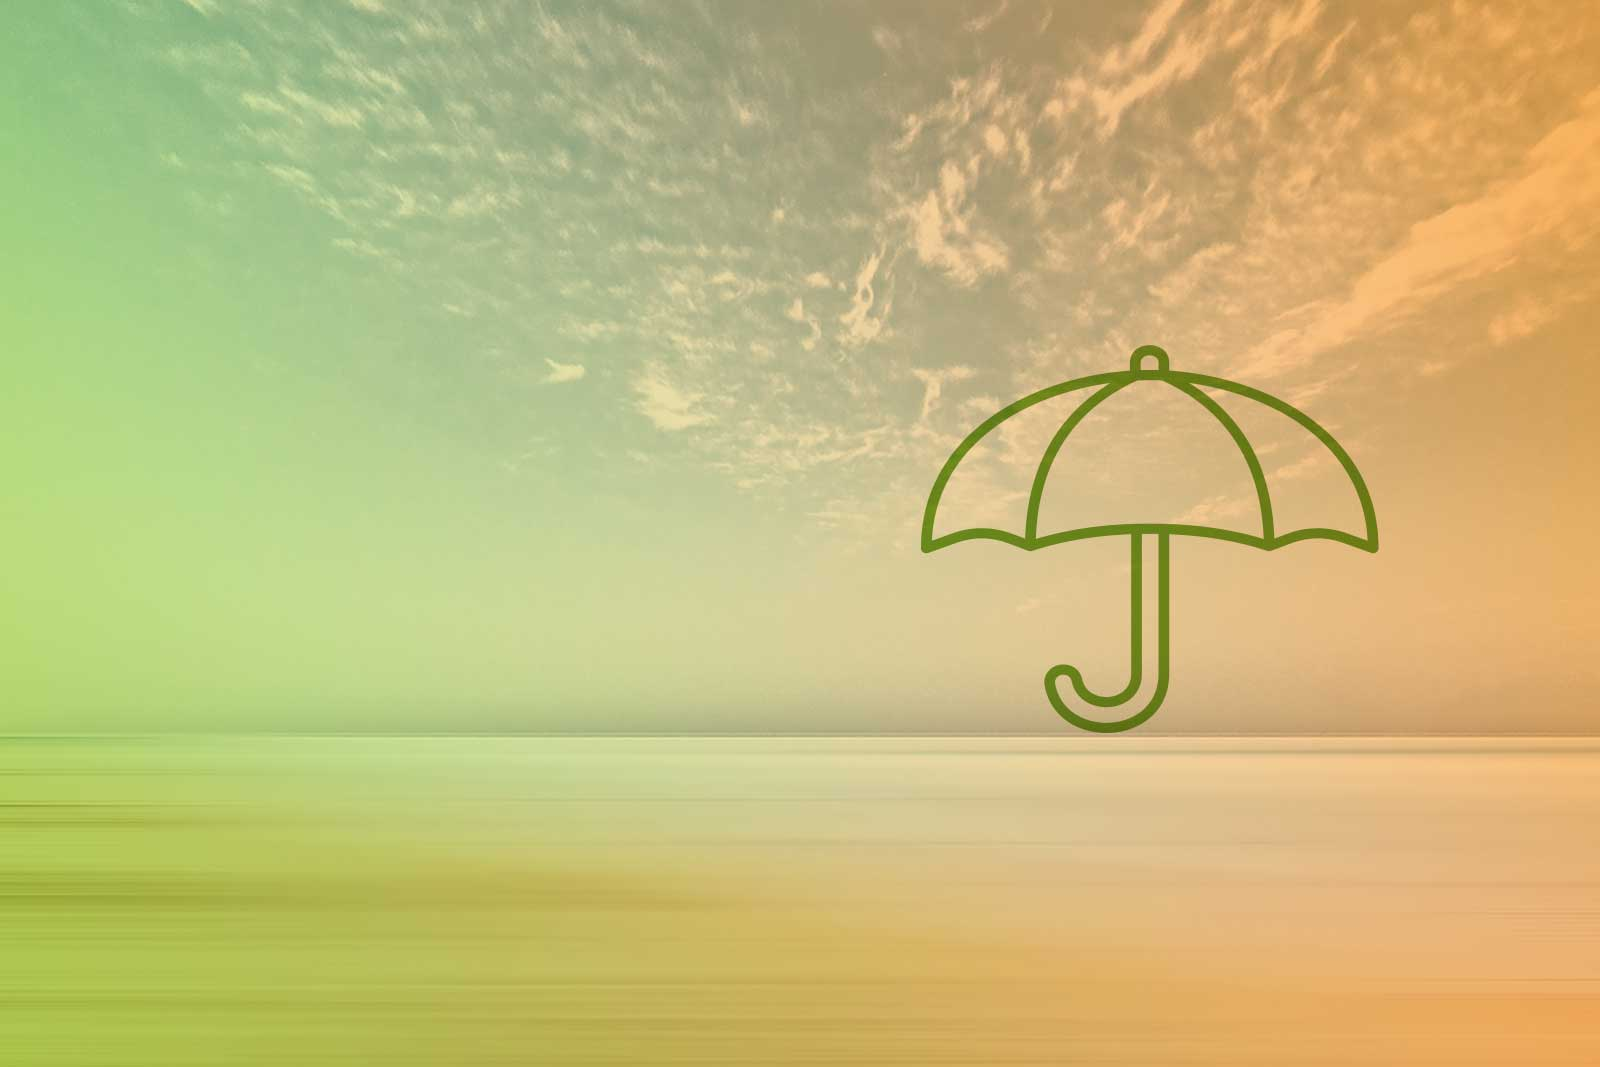 Imagem de um horizonte com um ícone de um guarda-chuva